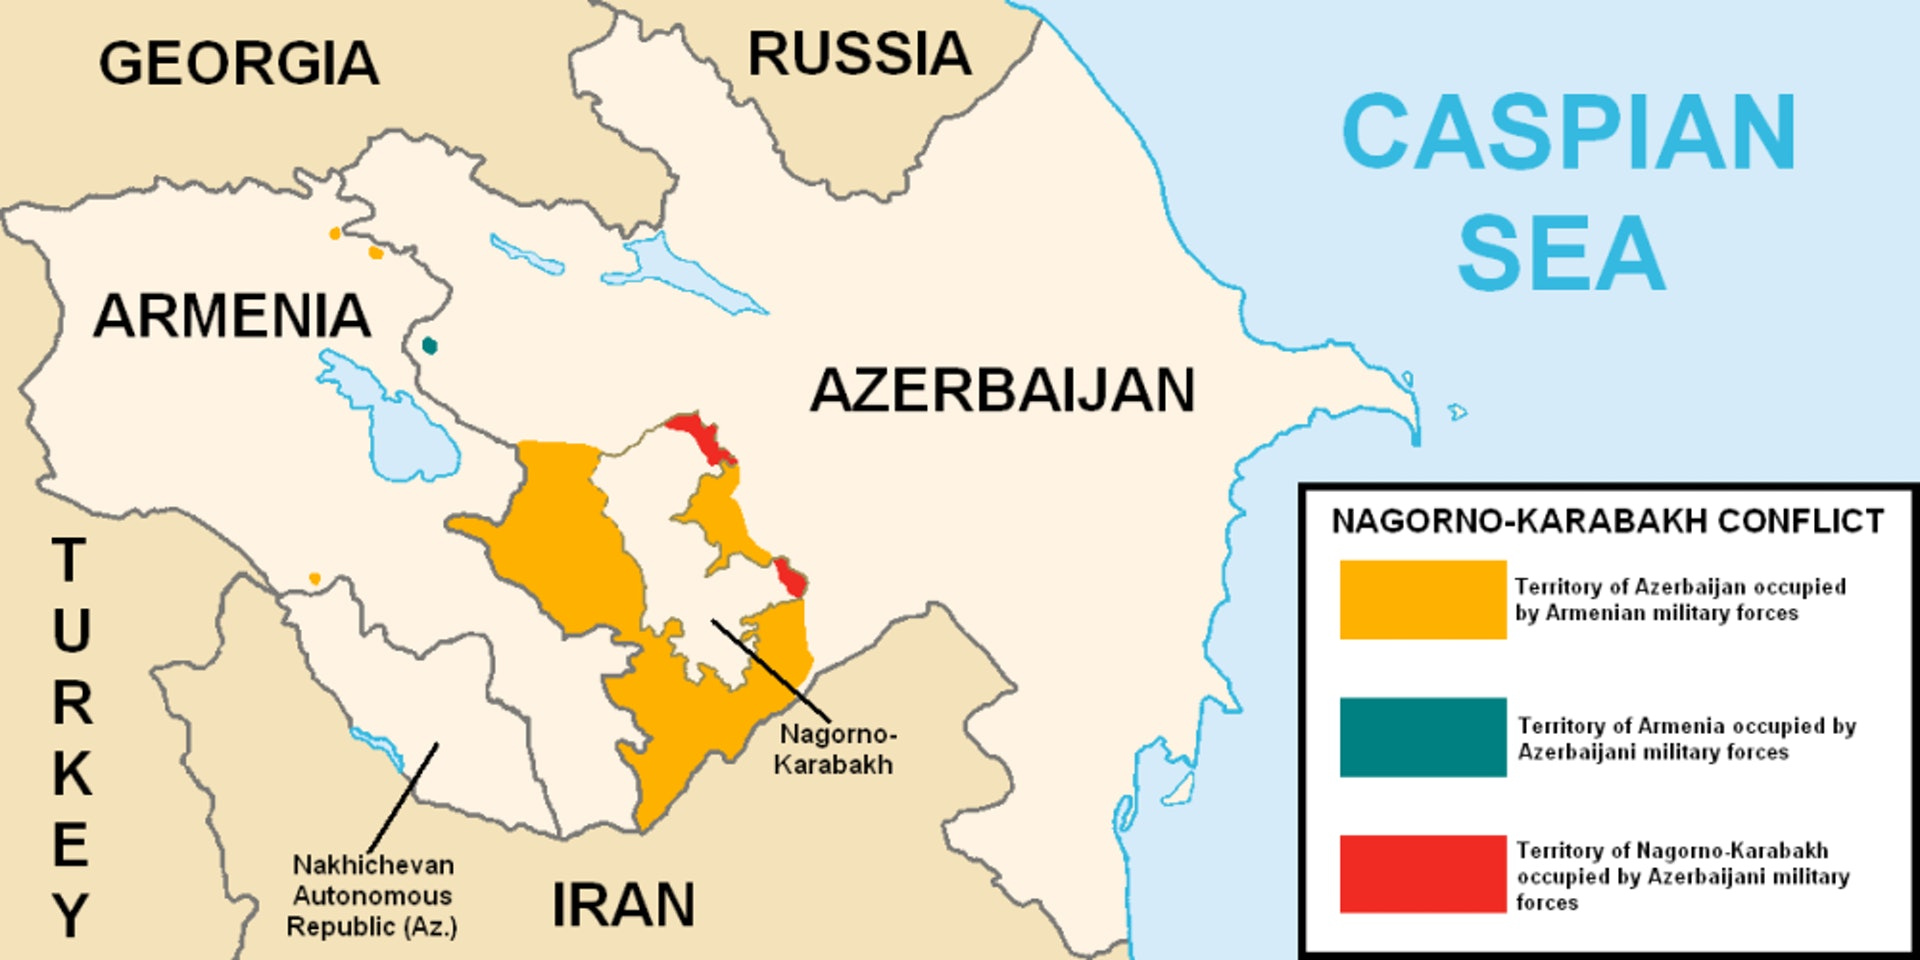 纳卡冲突下的各方势力分布,左下为纳希切万。(维基百科公有领域)